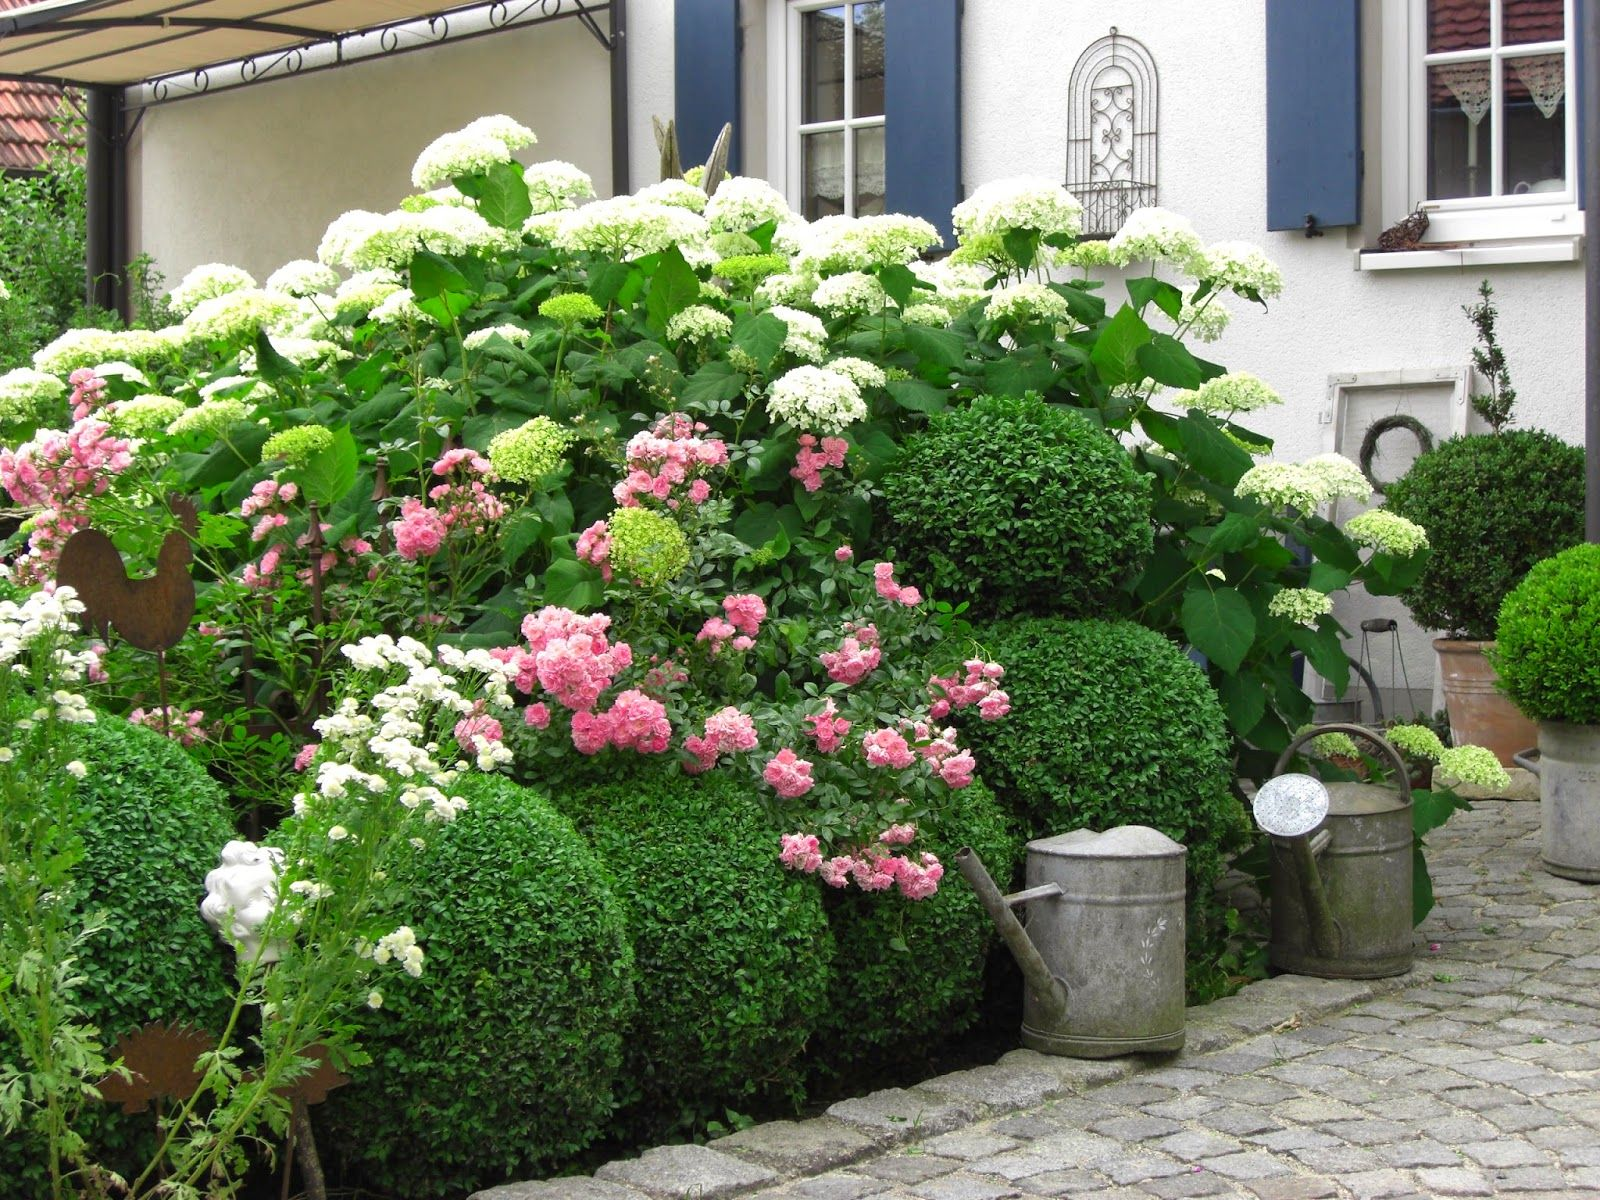 Spectacular Wonderful bination of boxwood roses and hydrangea L A N D L I E B E Cottage Garden